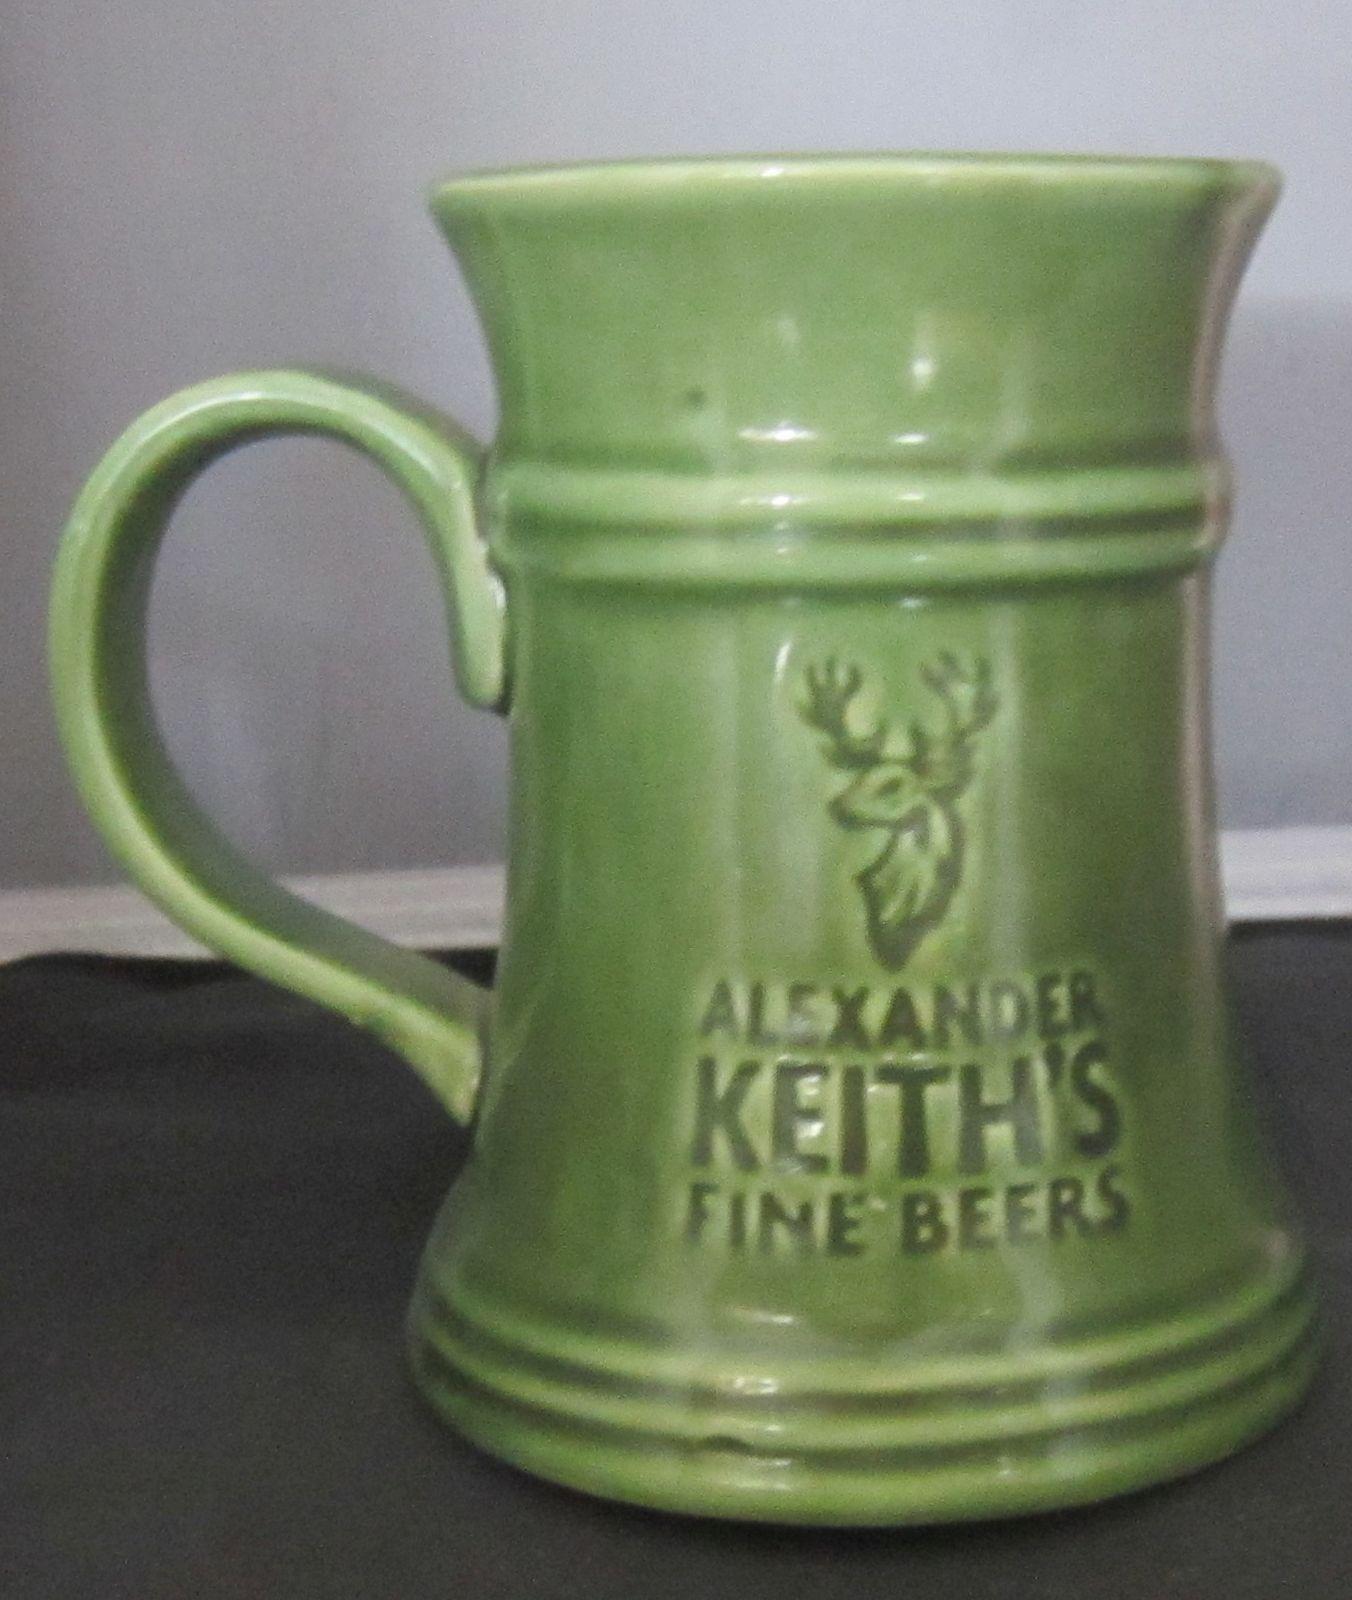 Alexander Keith's Nova Scotia Fine Beer Embossed Green 14